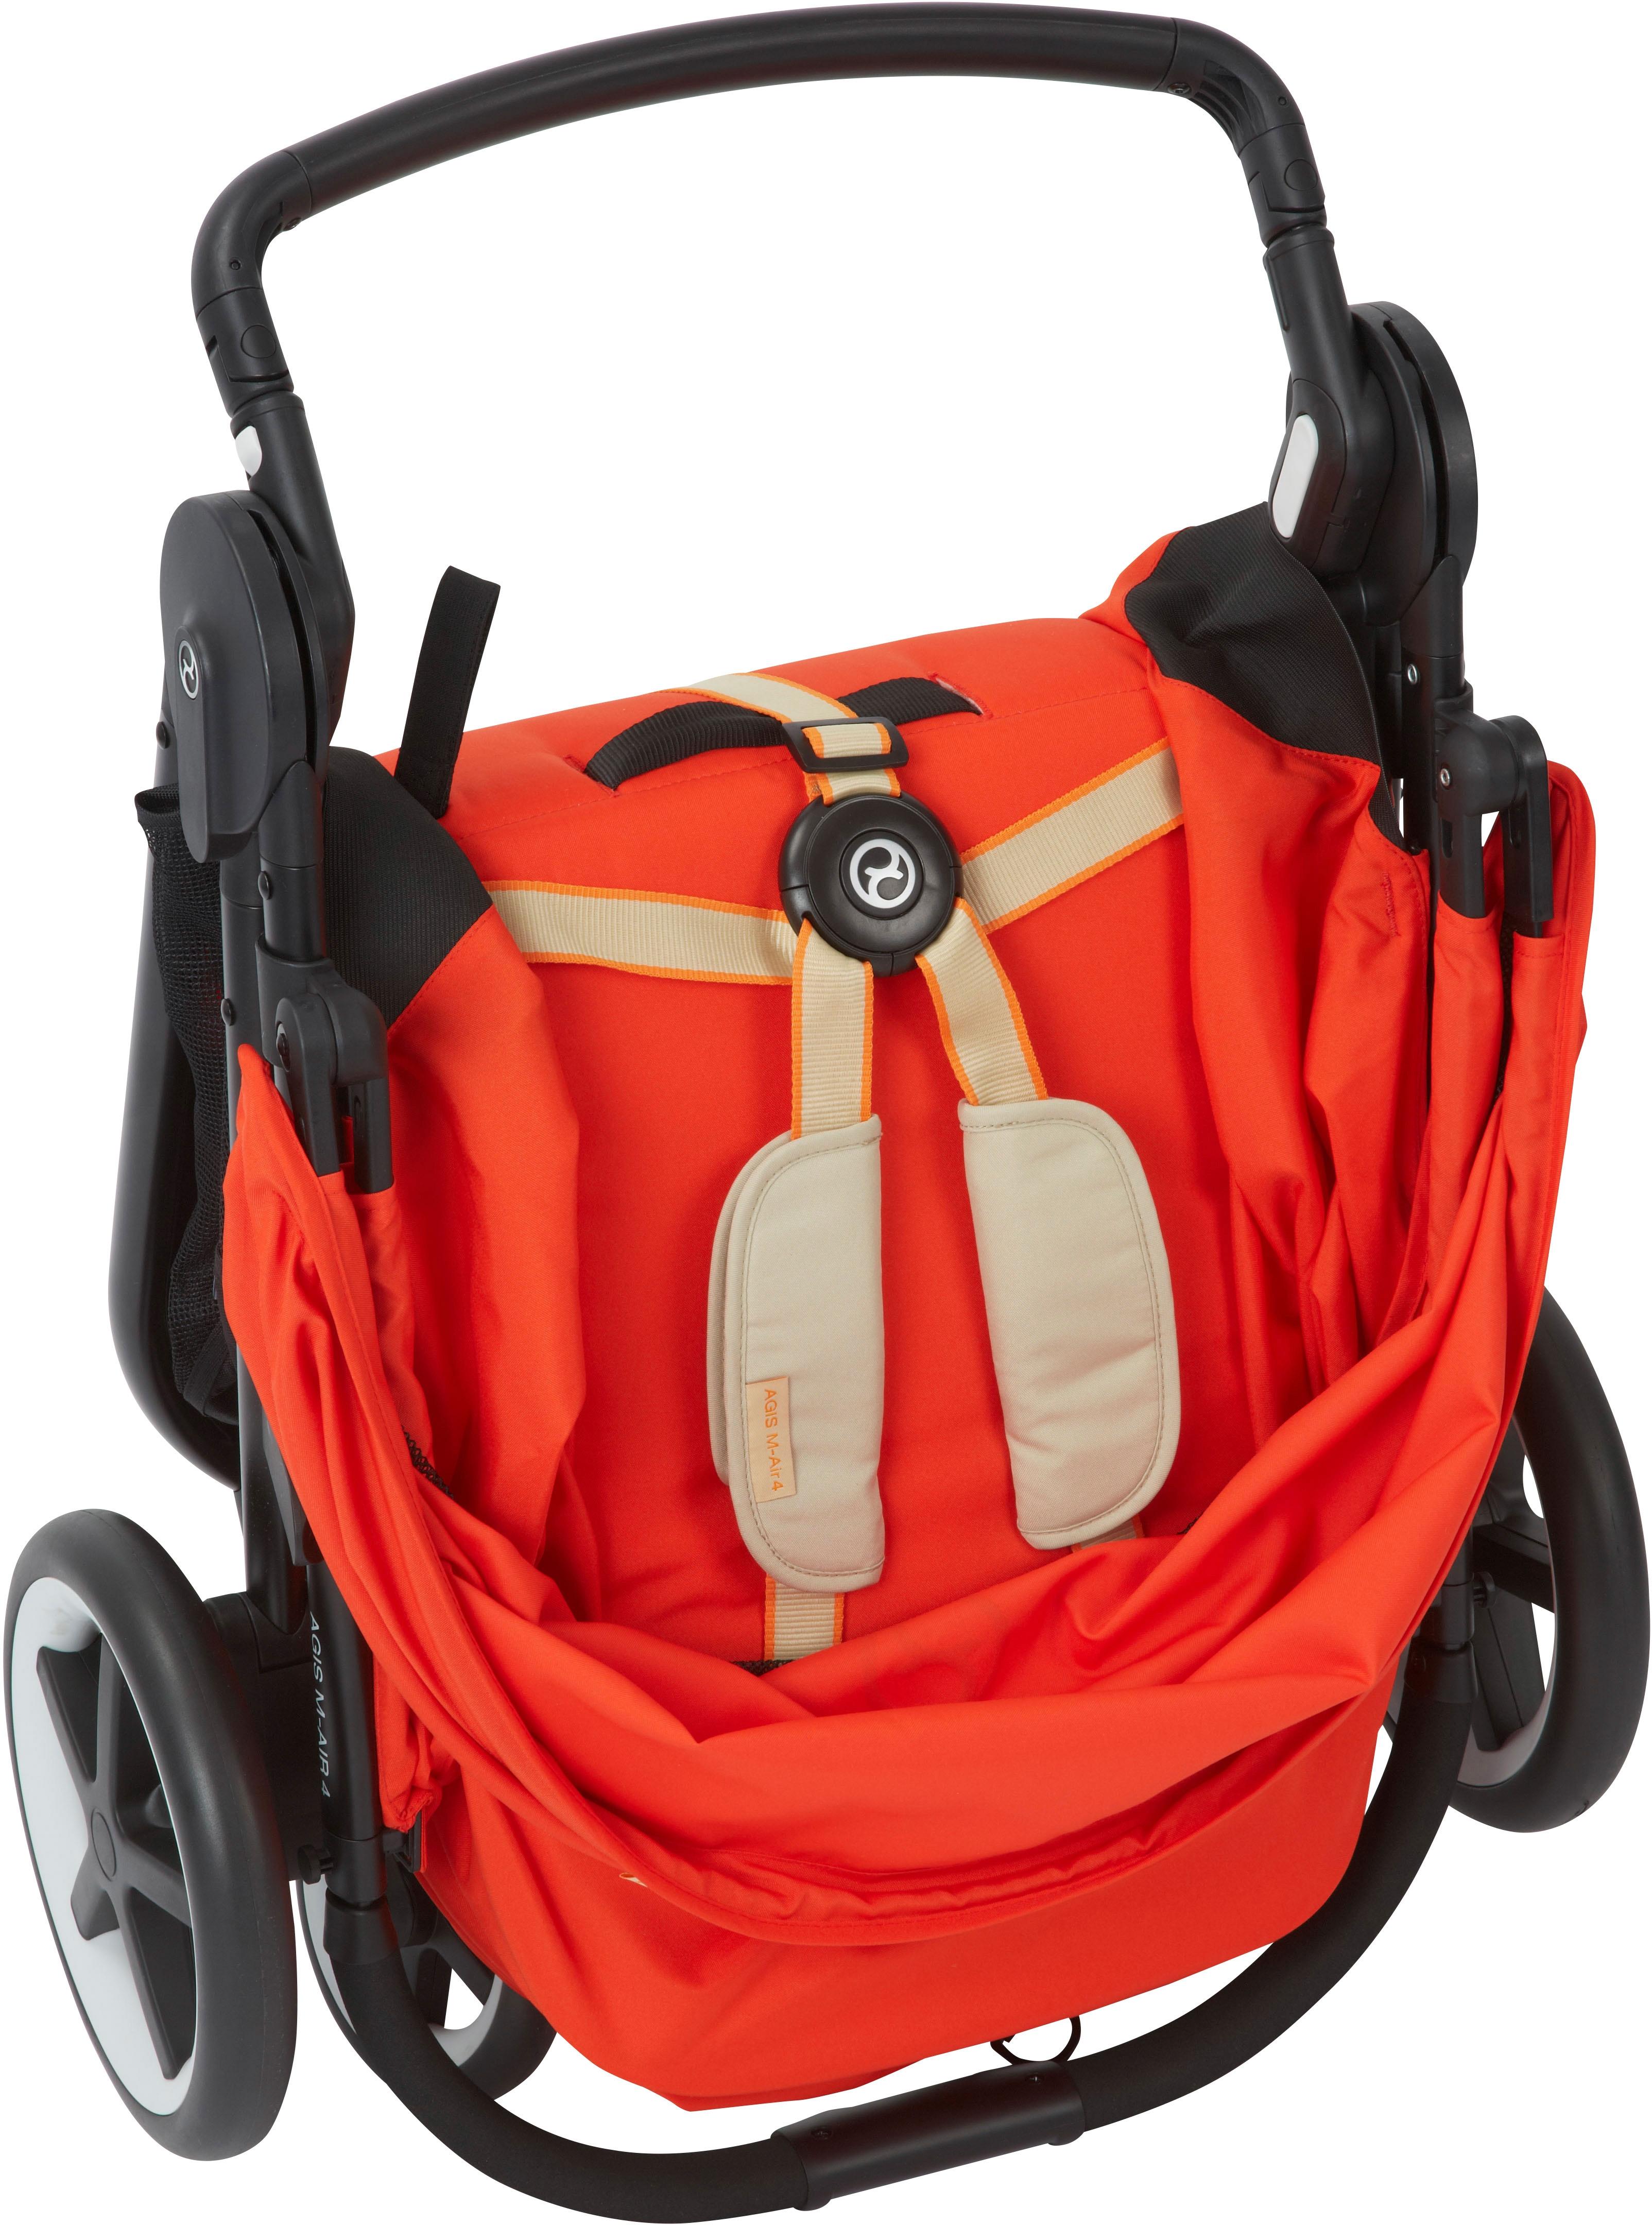 An lisis de cybex agis m air 4 silla comparador de sillas de paseo ocu - Mejor silla de paseo ocu ...